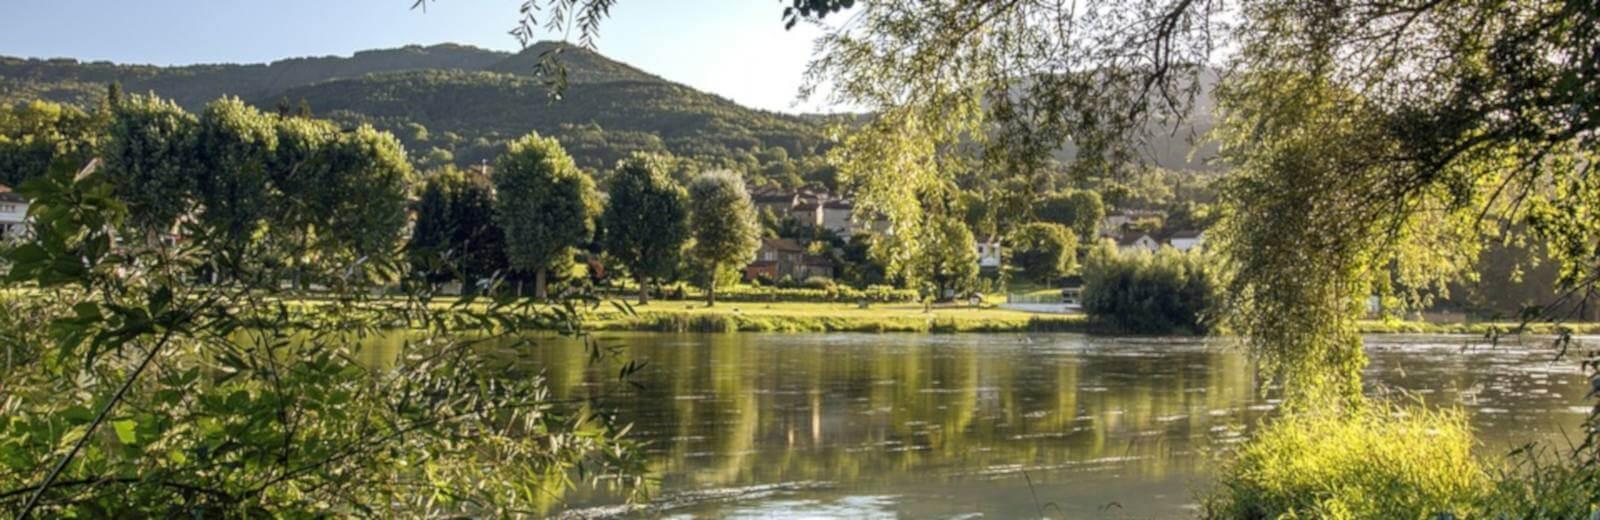 camping bord-de-riviere